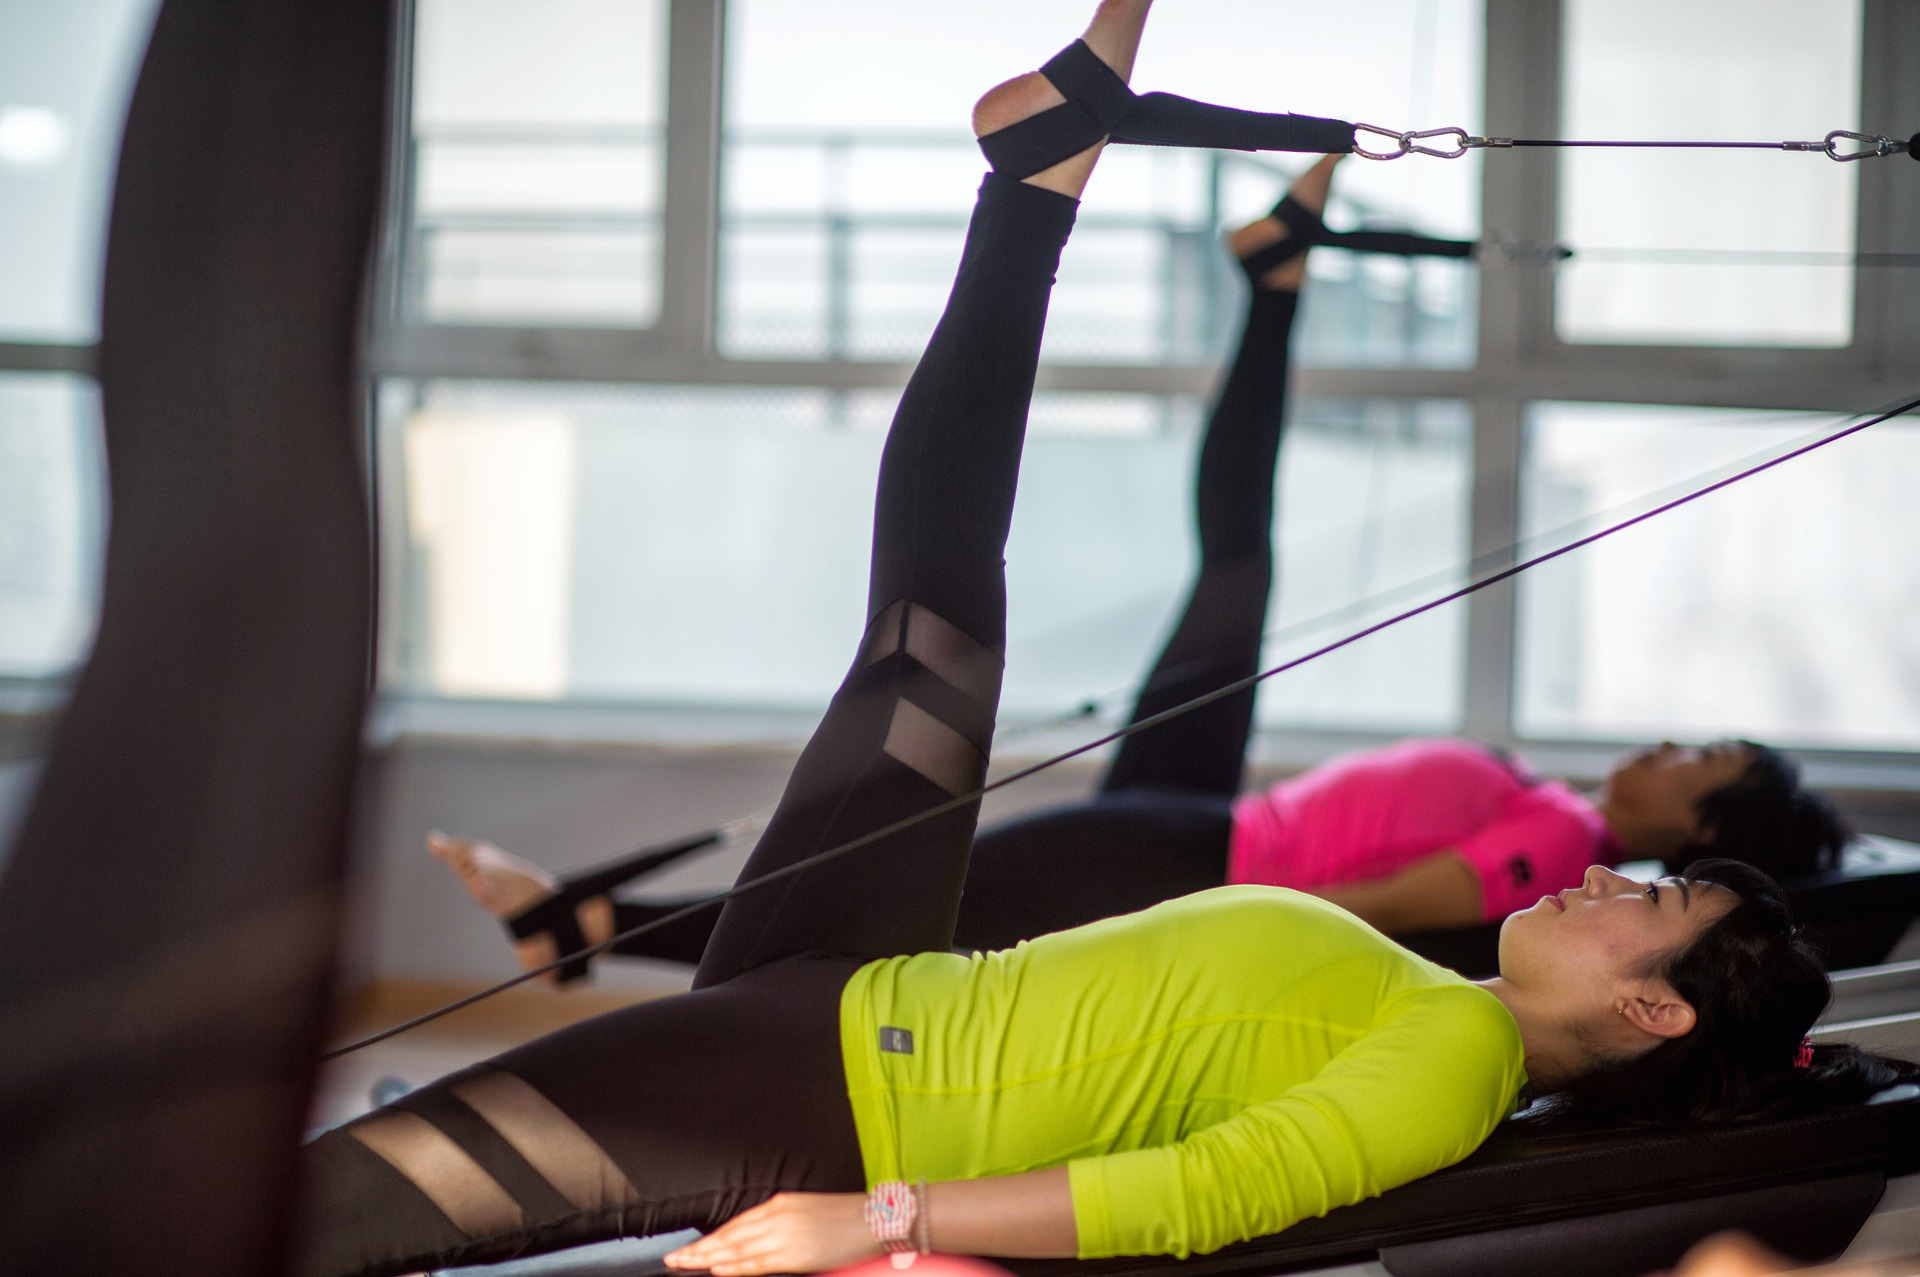 entrenar pilates en casa